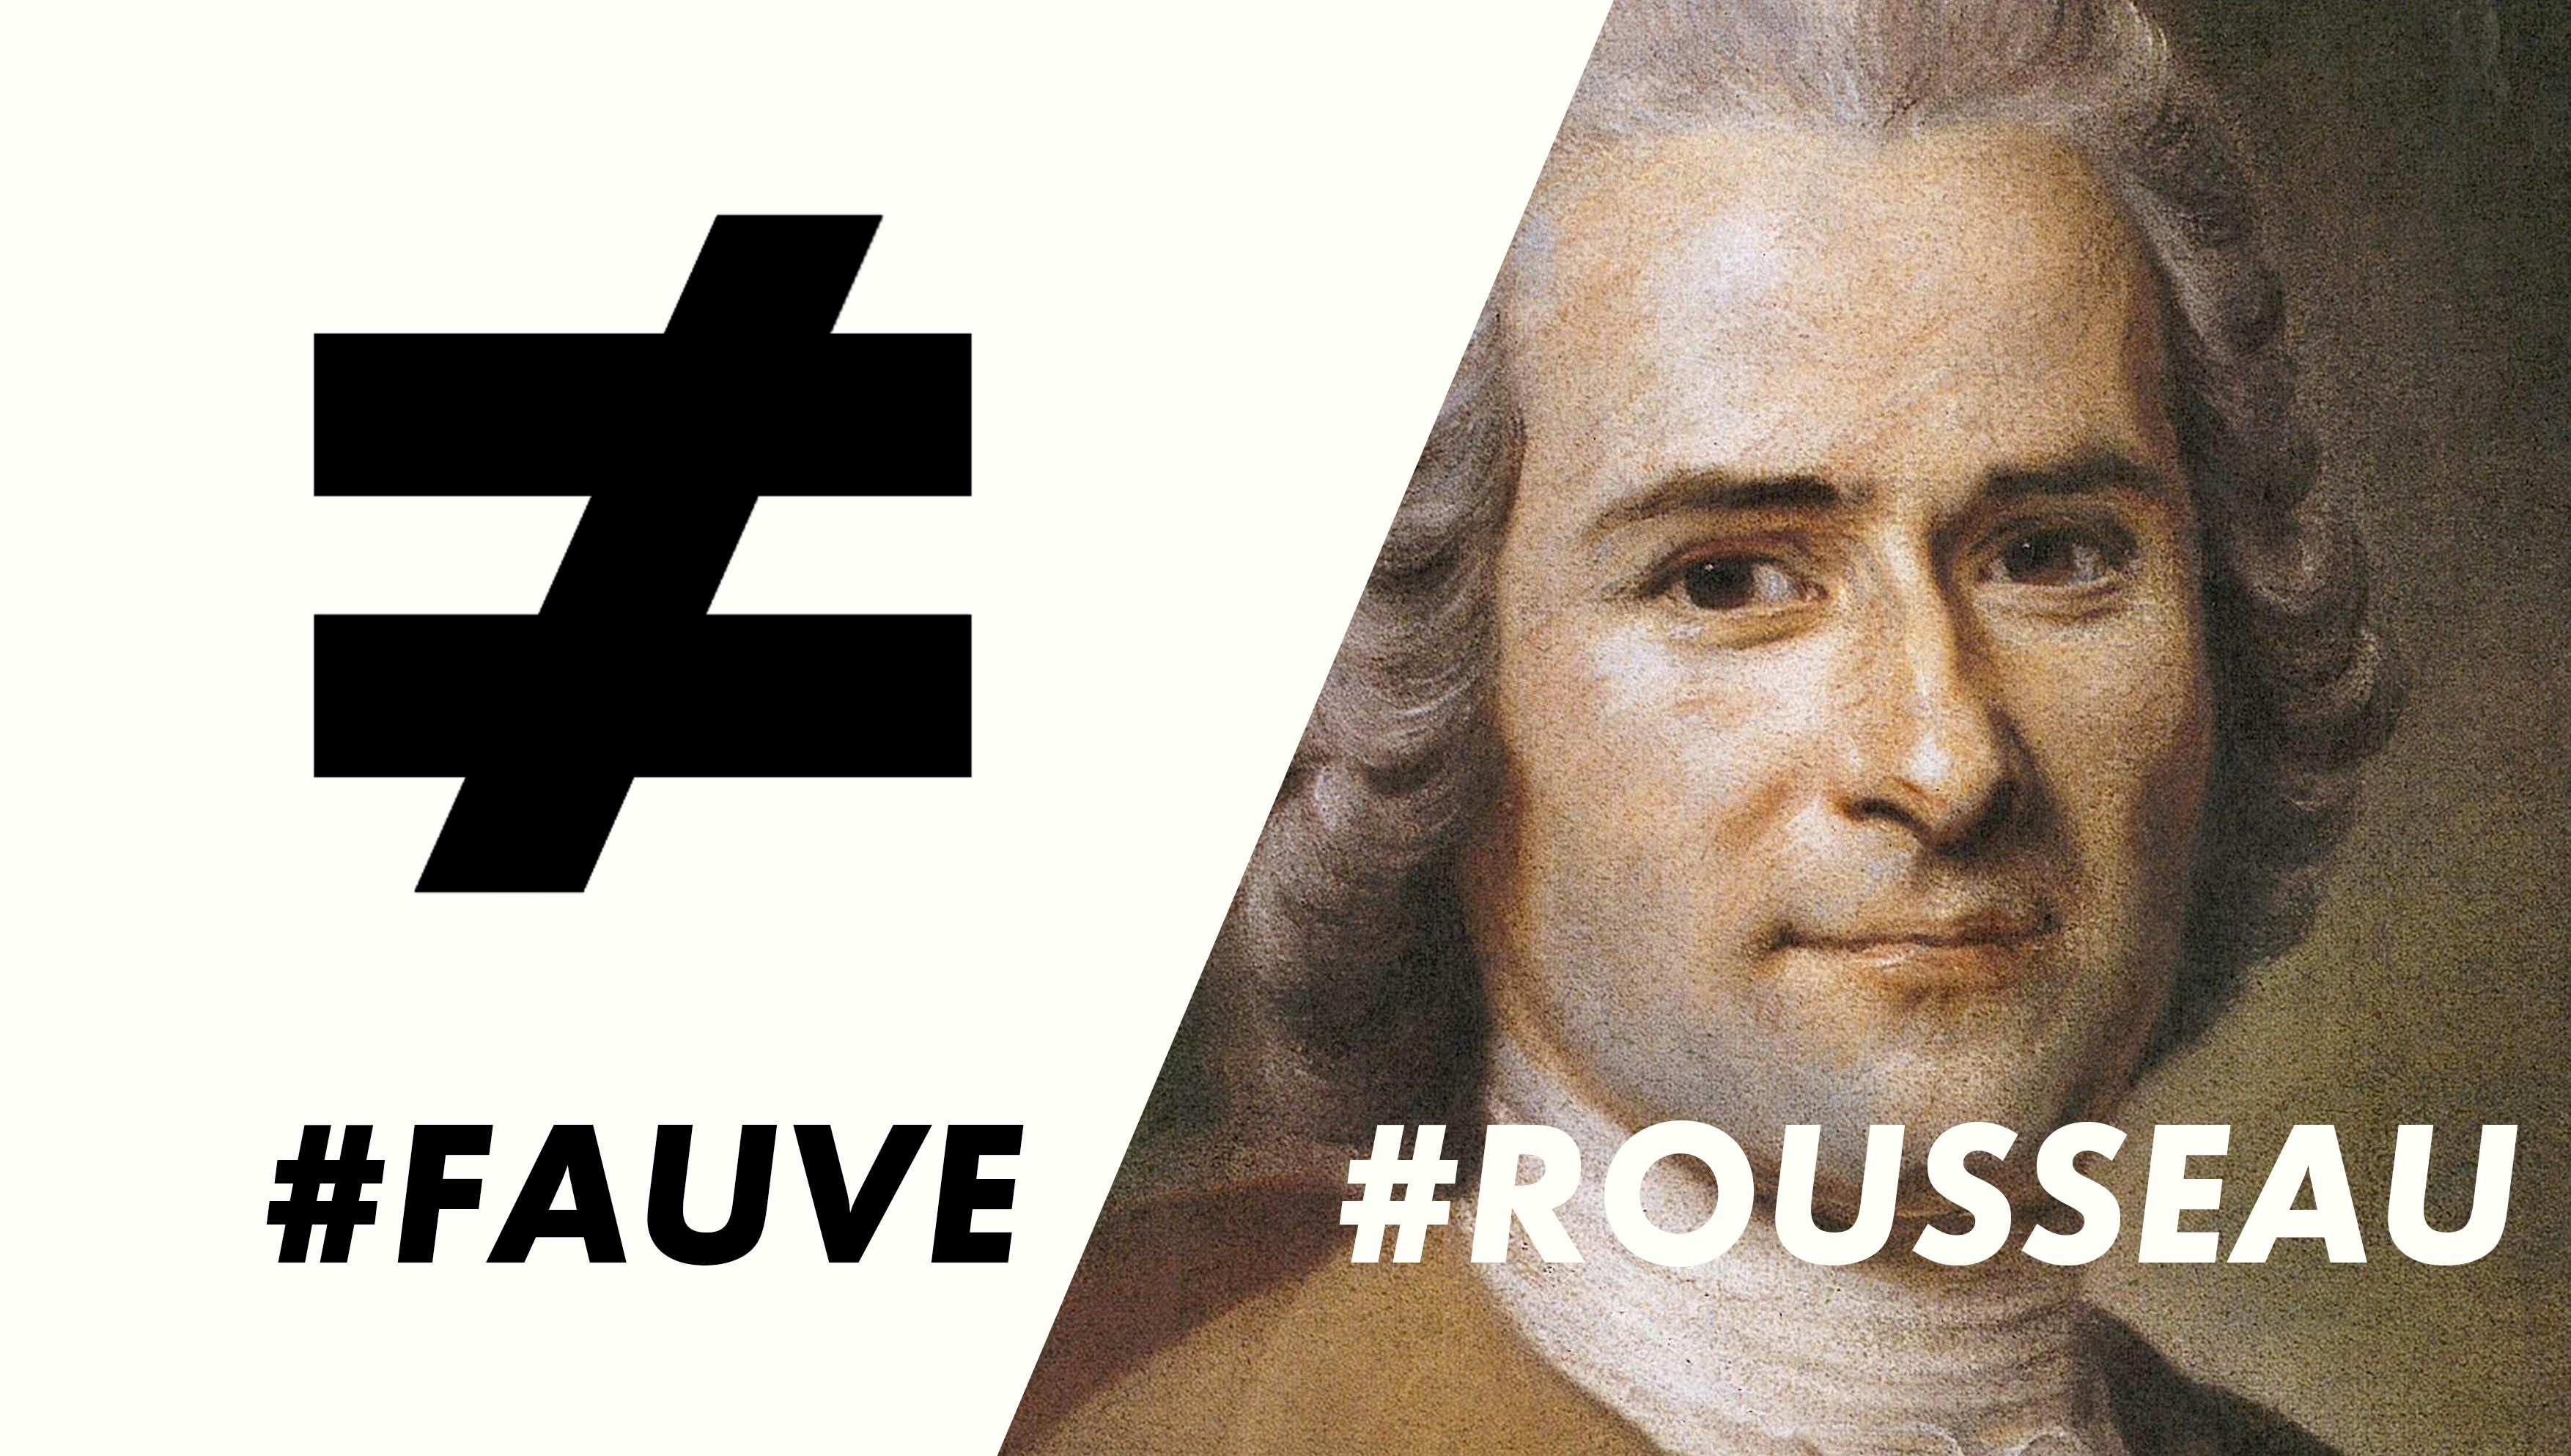 Fauve, ou Rousseau ?